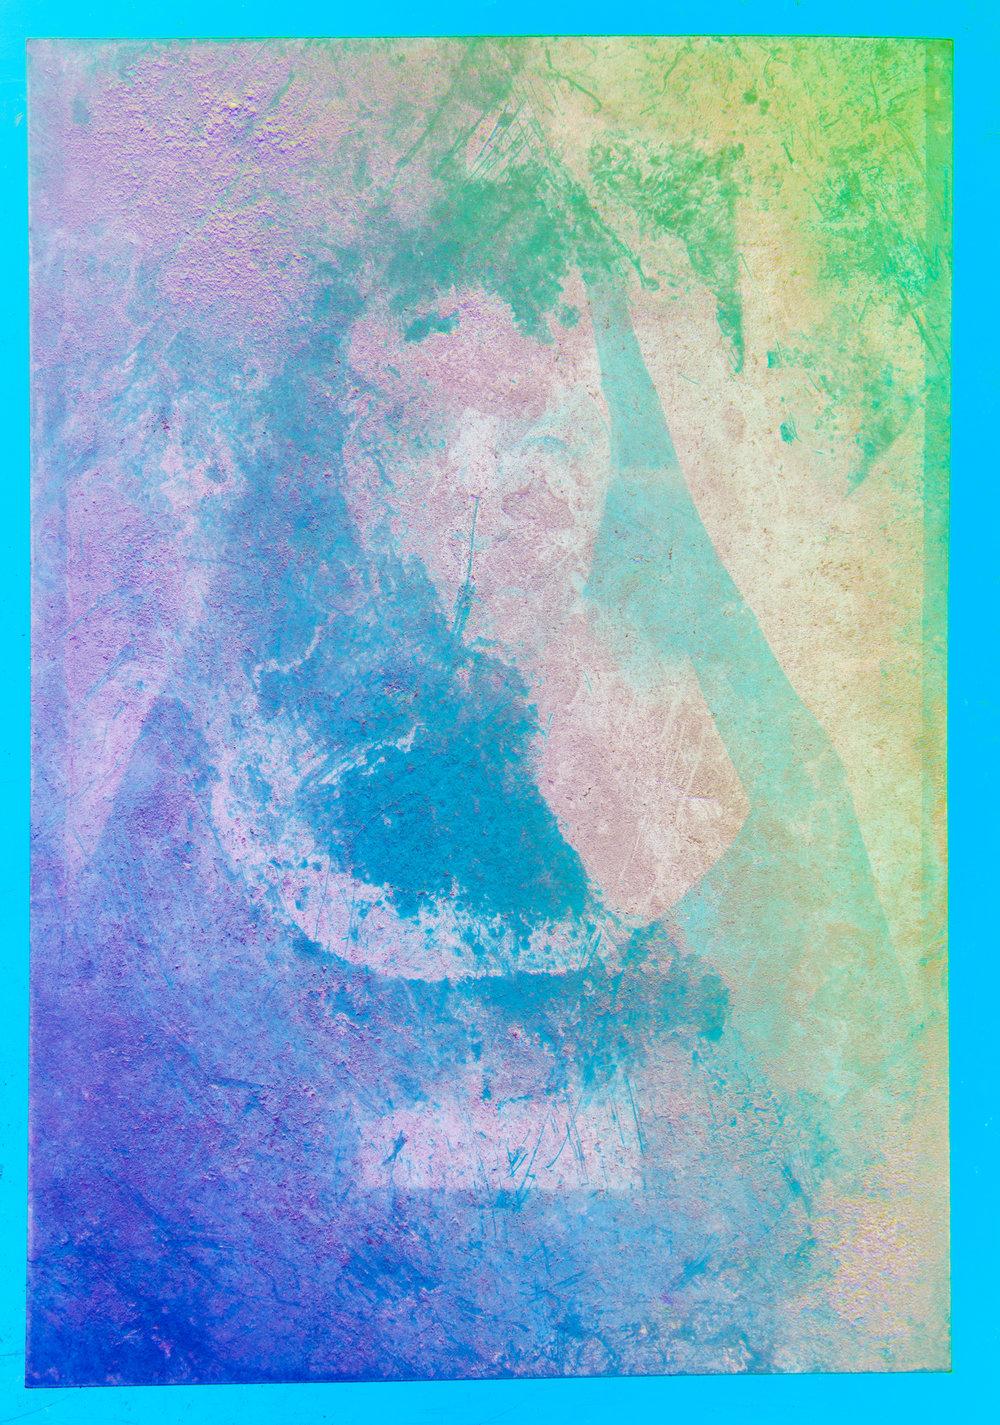 RGB_47 (35 of 1).jpg